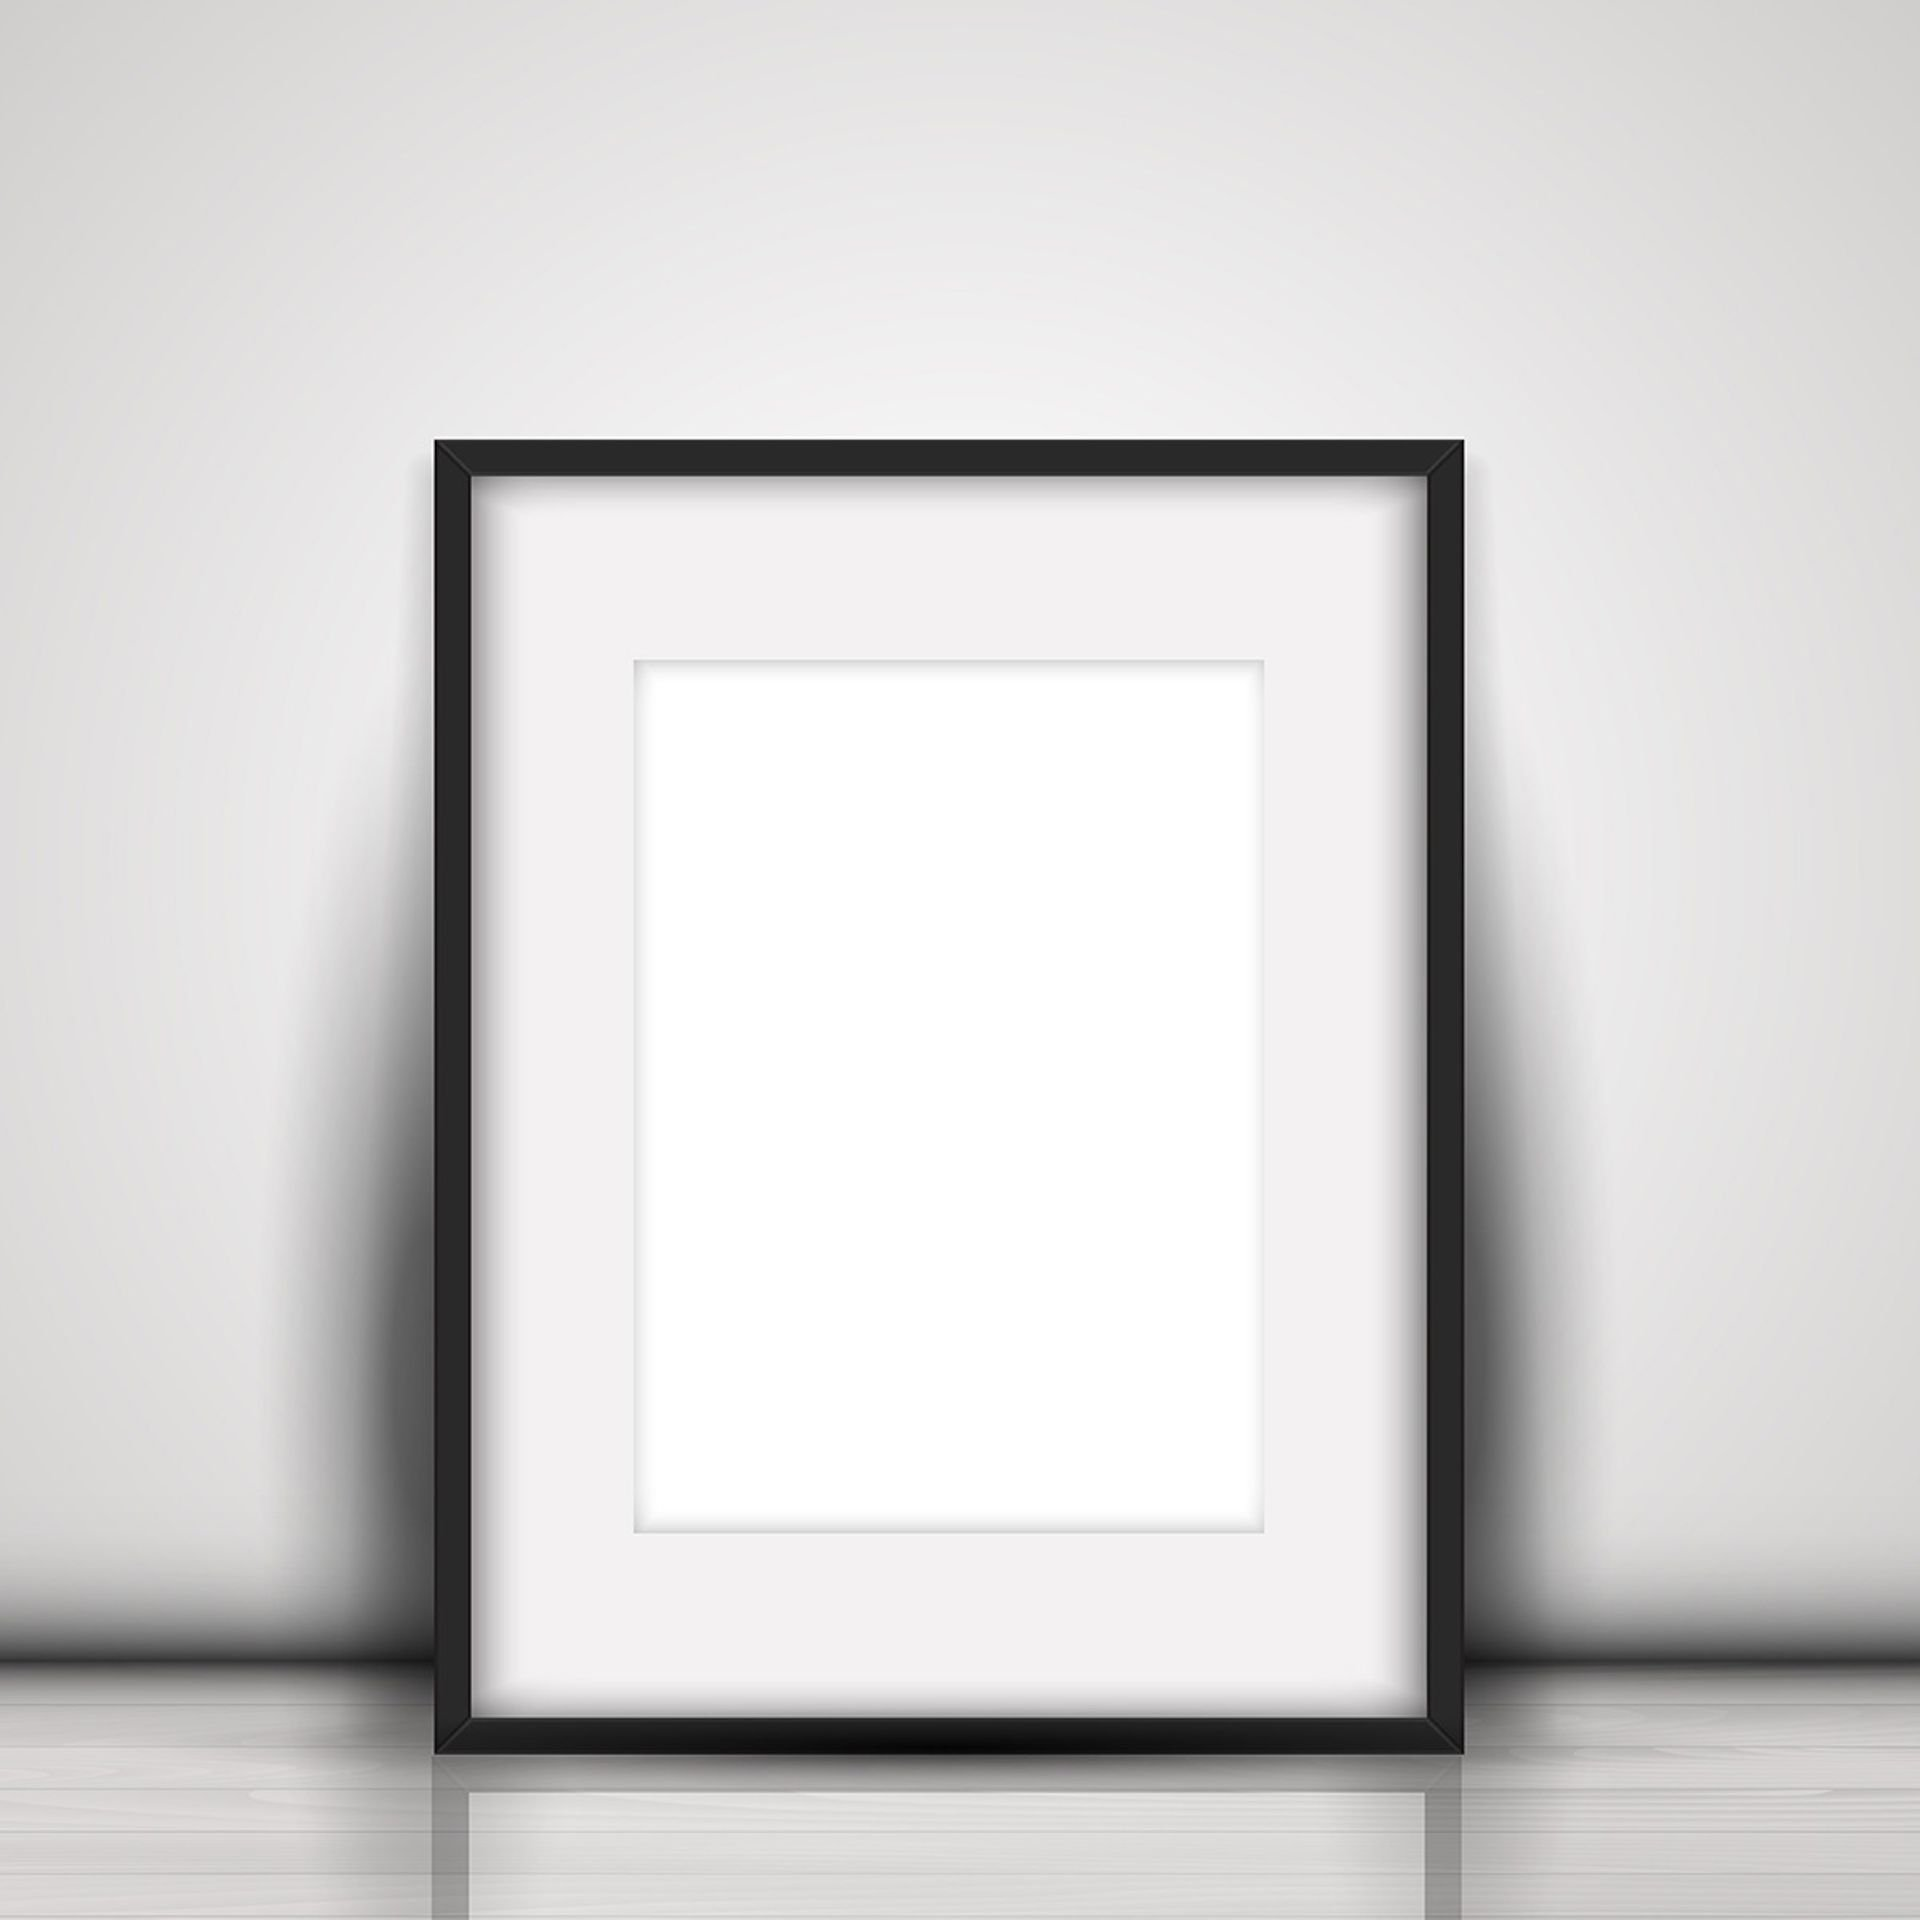 =מסגרת תמונה איכותית דגם FR9285, כולל הדפסת תמונה.